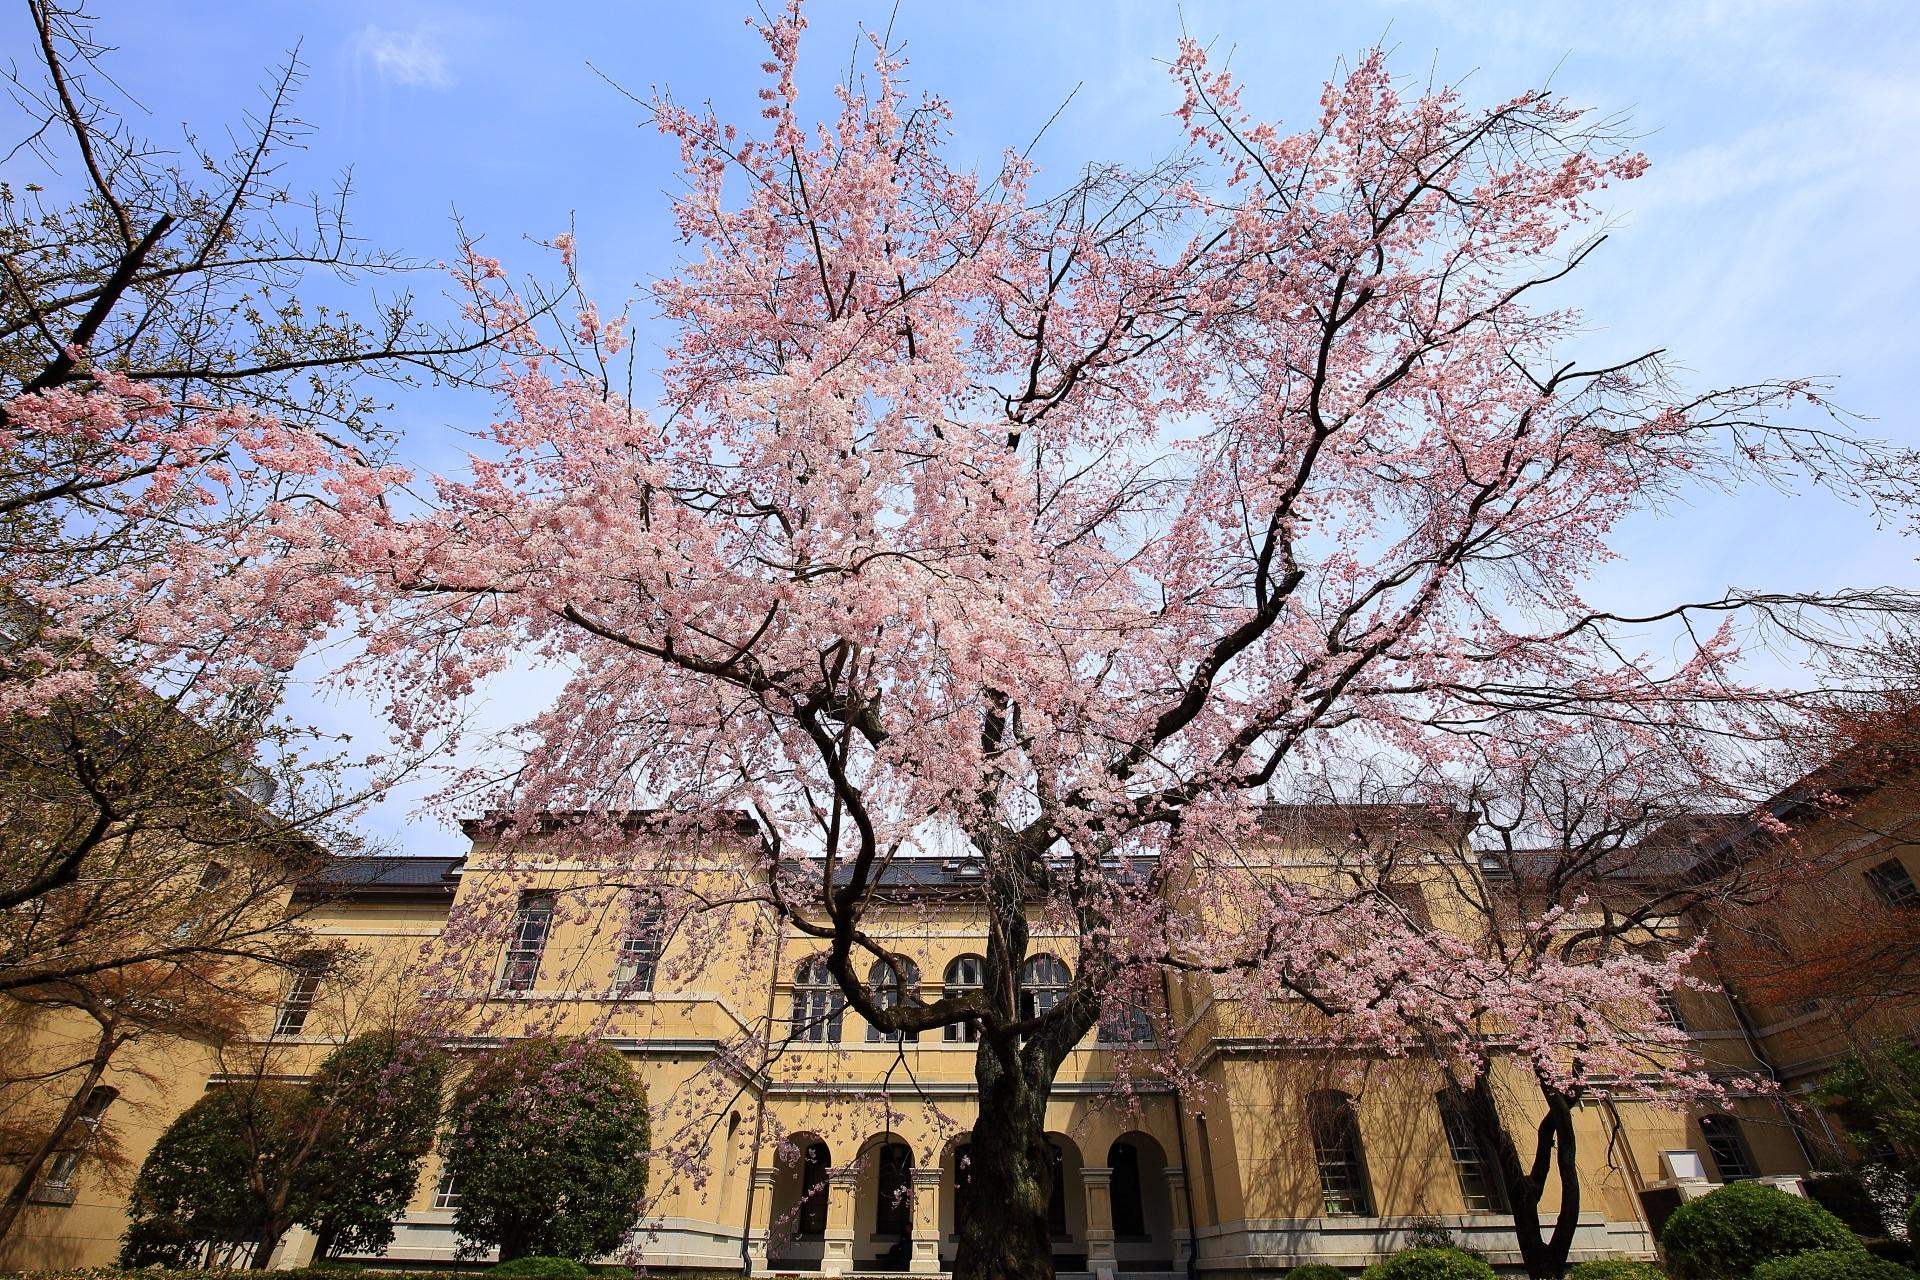 京都府庁旧本館の中庭の満開のしだれ桜